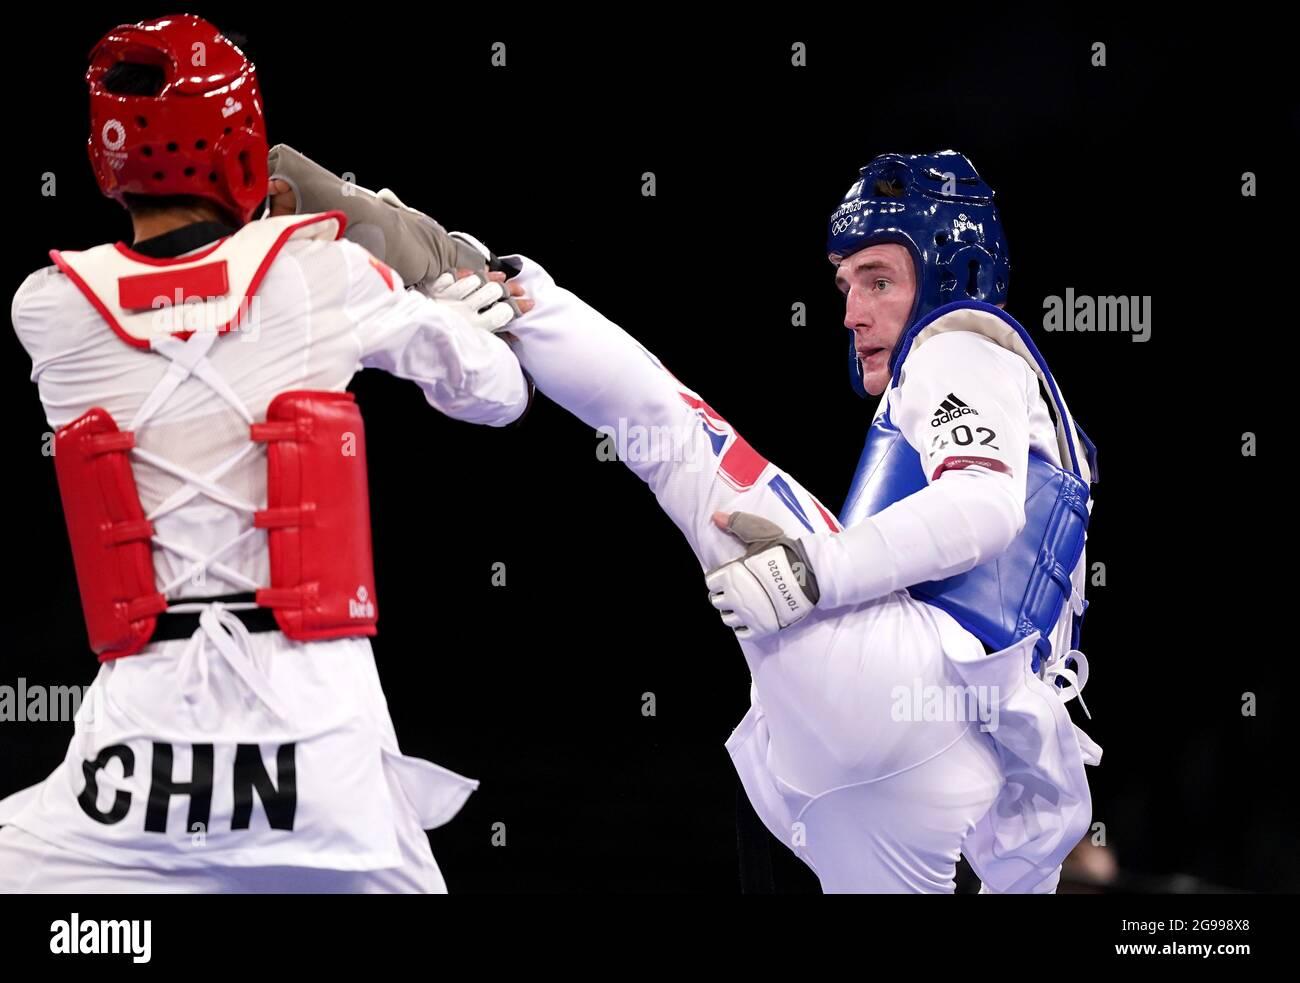 Der britische Bradly Sinden (rechts) im Kampf gegen den chinesischen Shuai Zhao beim Halbfinale der Männer mit 68 kg in der Makuhari Messe Halle A am zweiten Tag der Olympischen Spiele in Tokio 2020 in Japan. Bilddatum: Sonntag, 25. Juli 2021. Stockfoto